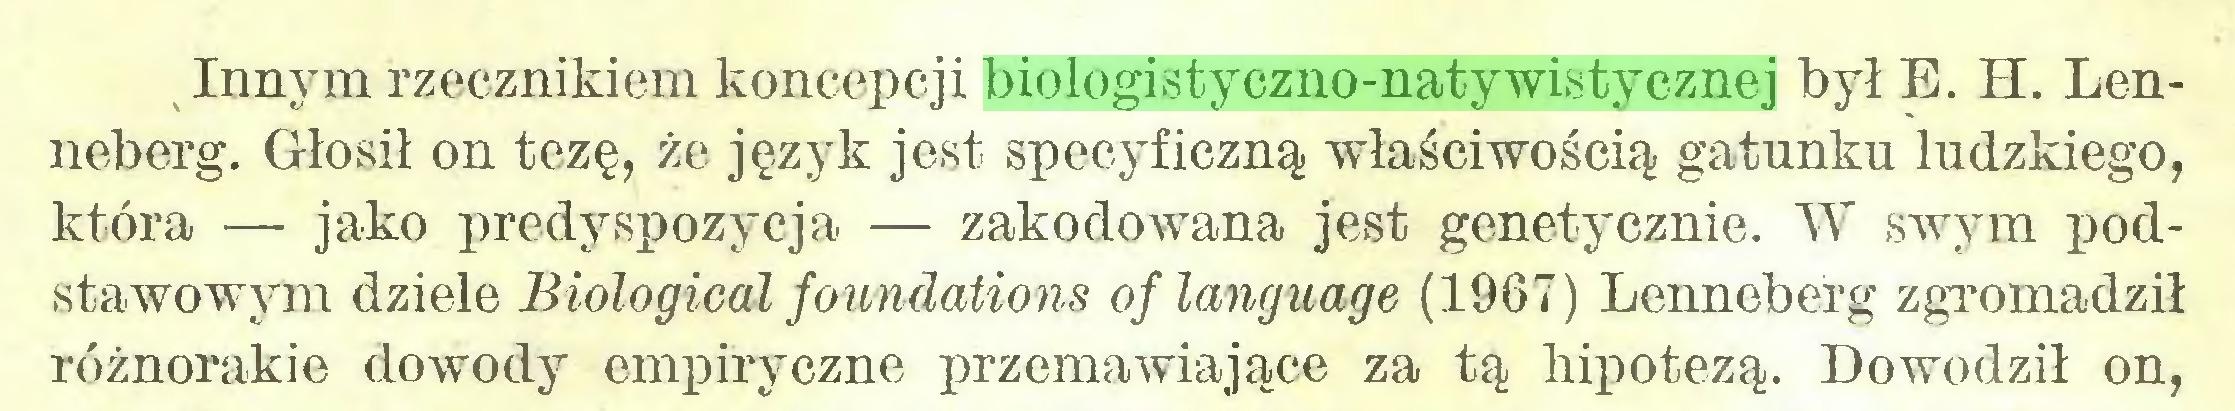 (...) Innym rzecznikiem koncepcji biologistyczno-natywistycznej był E. H. Lenneberg. Głosił on tezę, że język jest specyficzną właściwością gatunku ludzkiego, która — jako predyspozycja — zakodowana jest genetycznie. W swym podstawowym dziele Biological foundations oflanguage (1967) Lenneberg zgromadził różnorakie dowody empiryczne przemawiające za tą hipotezą. Dowodził on,...